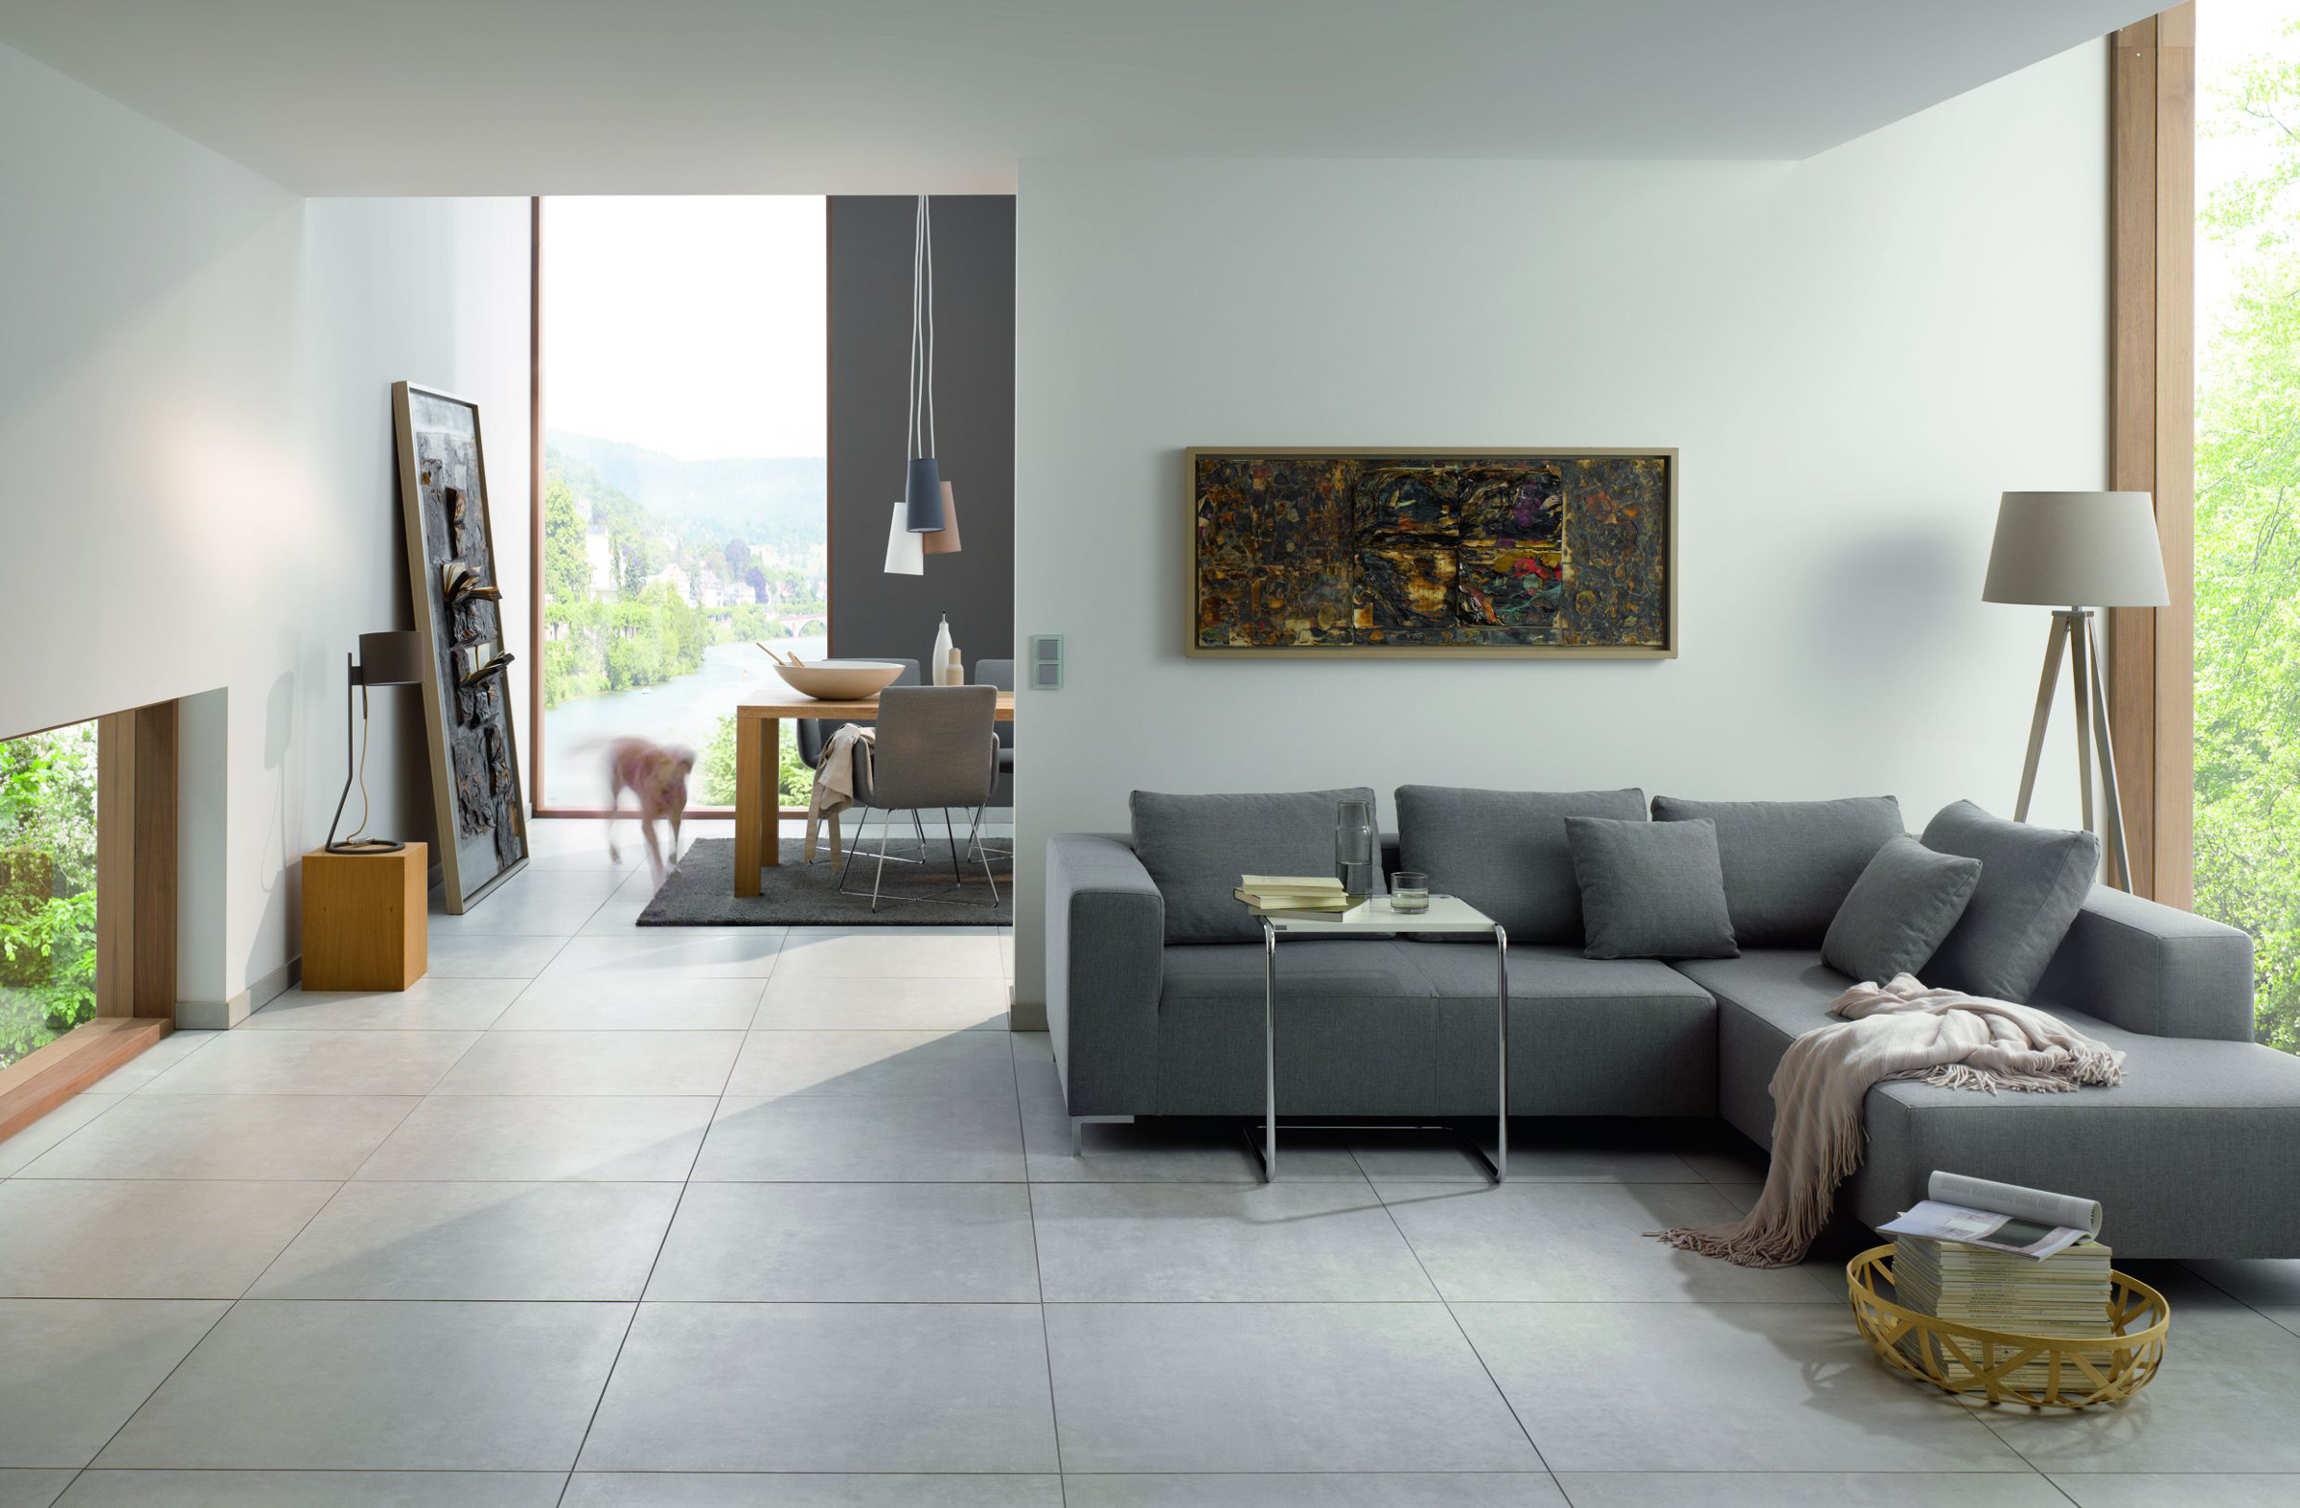 Wohnzimmer: Wohngesunder Bodenbelag aus Fliesen